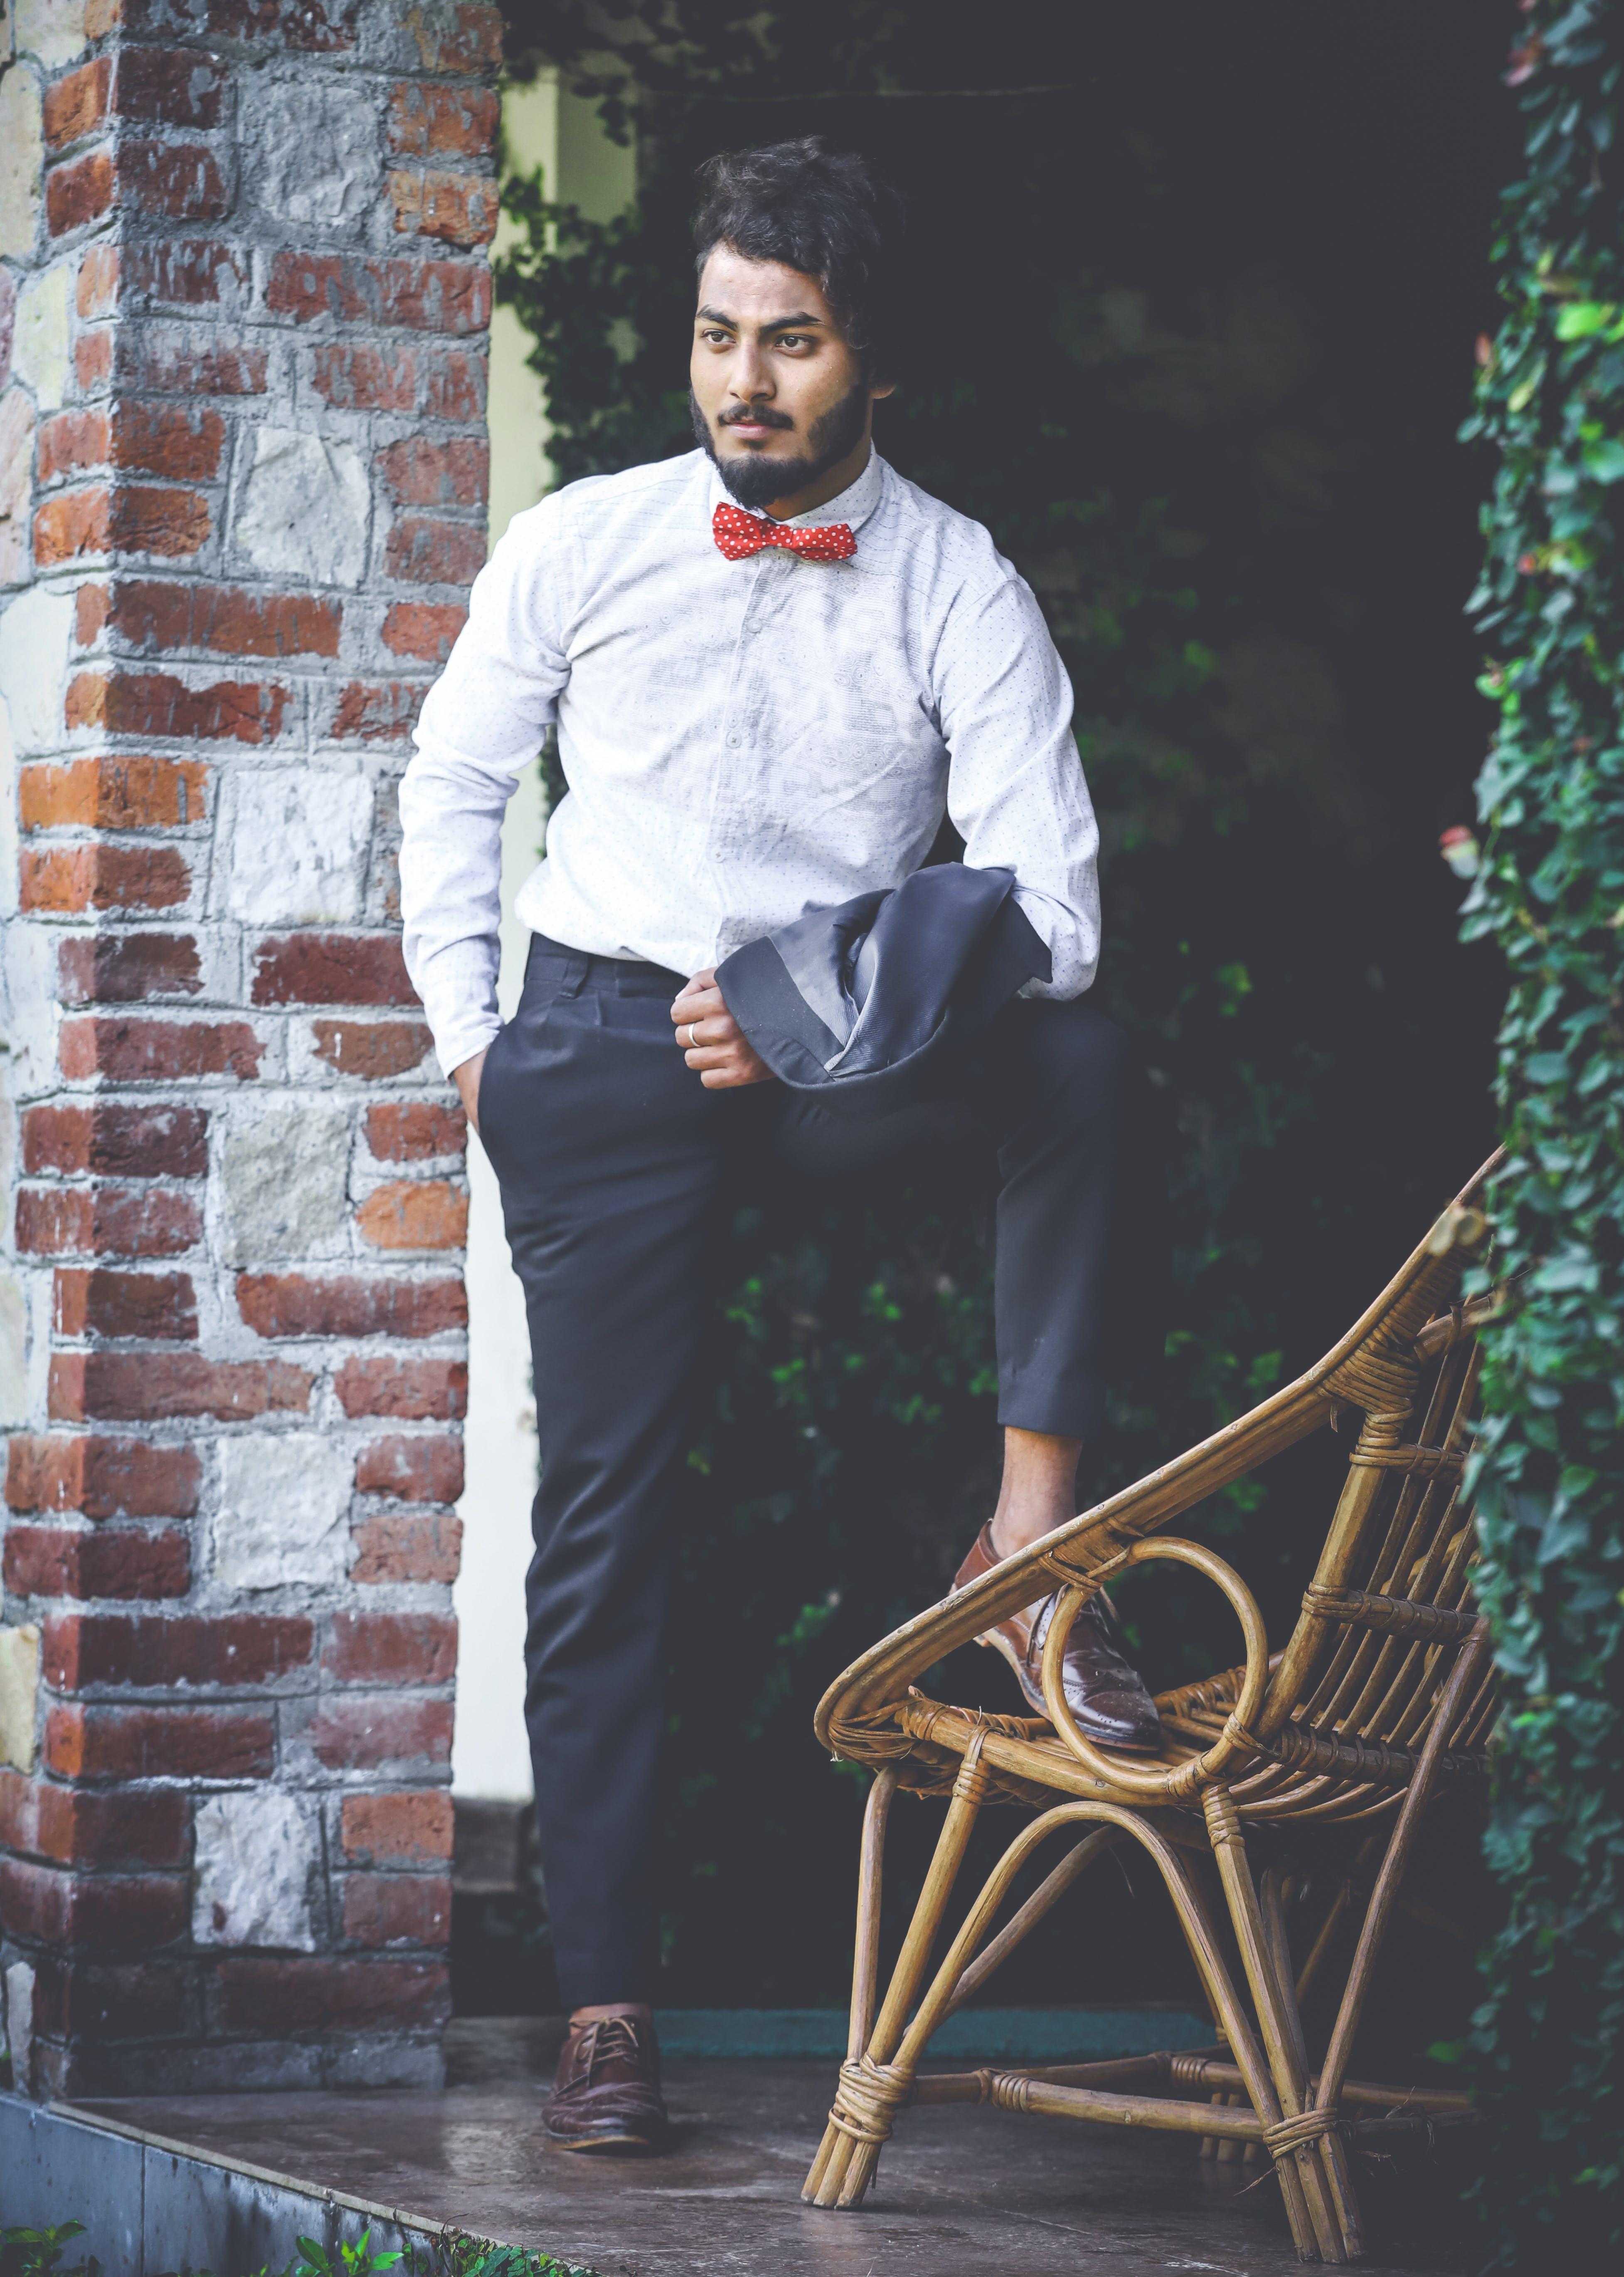 Δωρεάν στοκ φωτογραφιών με άνδρας, άνθρωπος, άντρας, καρέκλα